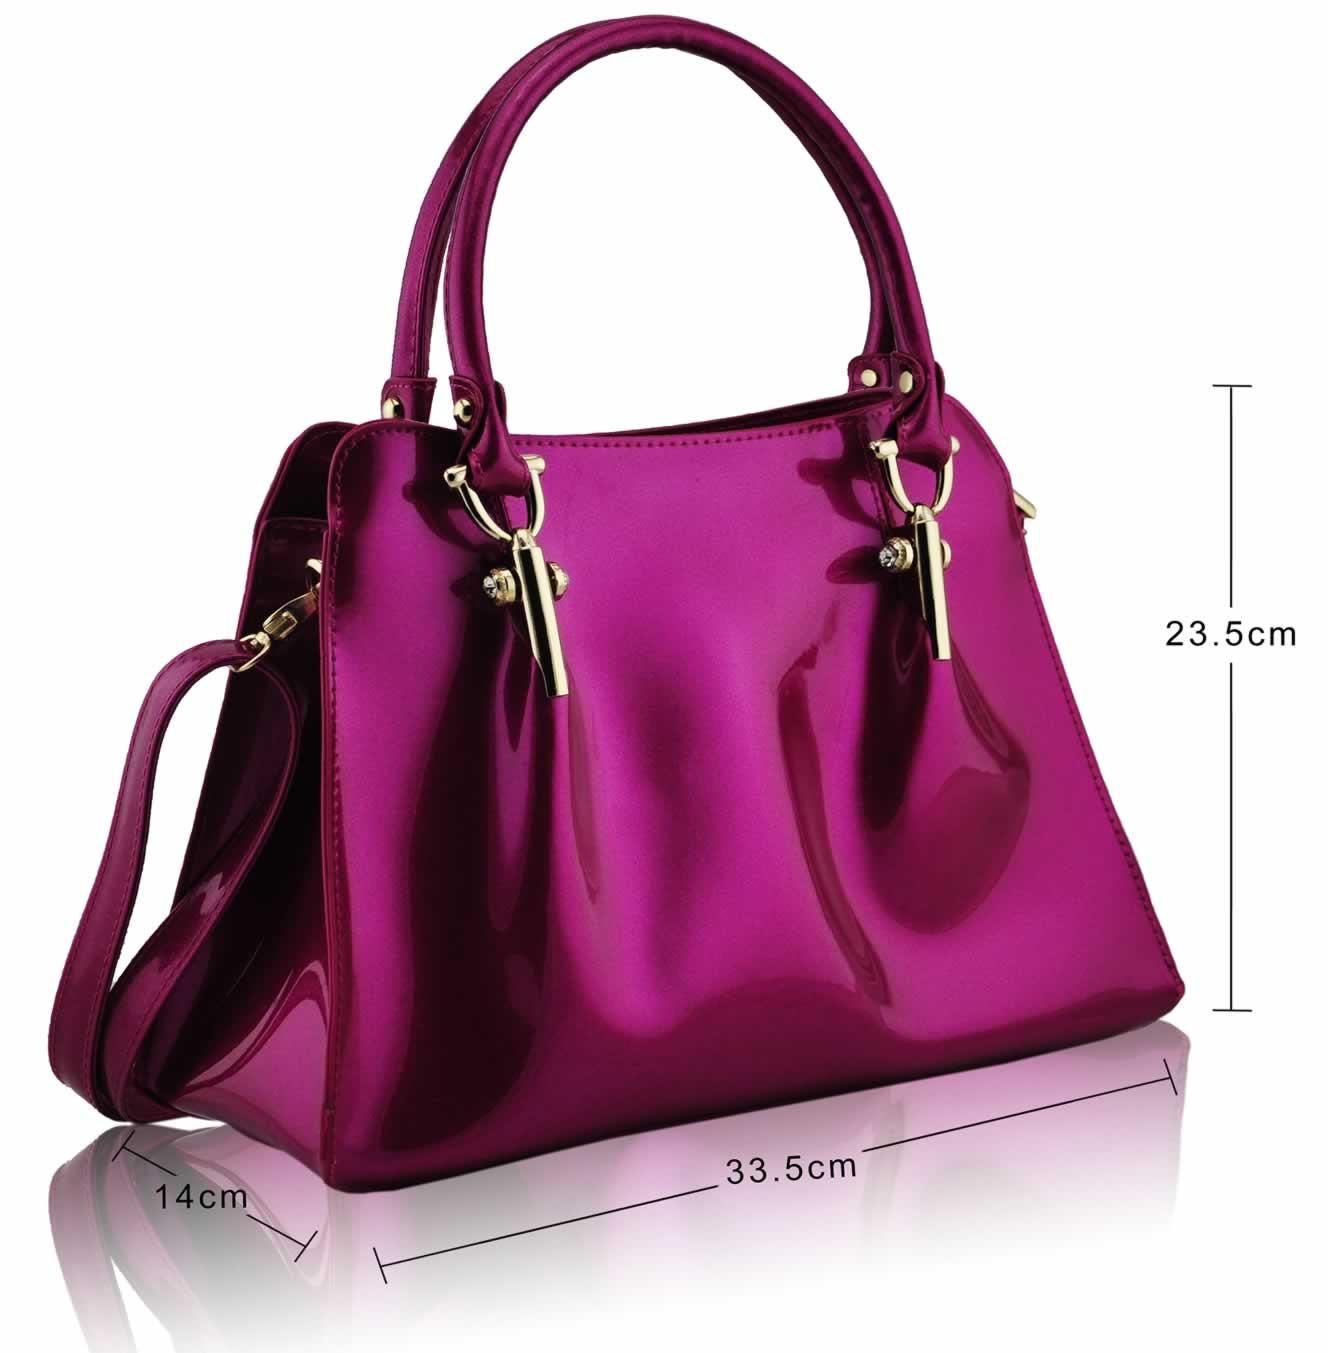 Wholesale bag - Fuchsia Fashion Grab bag